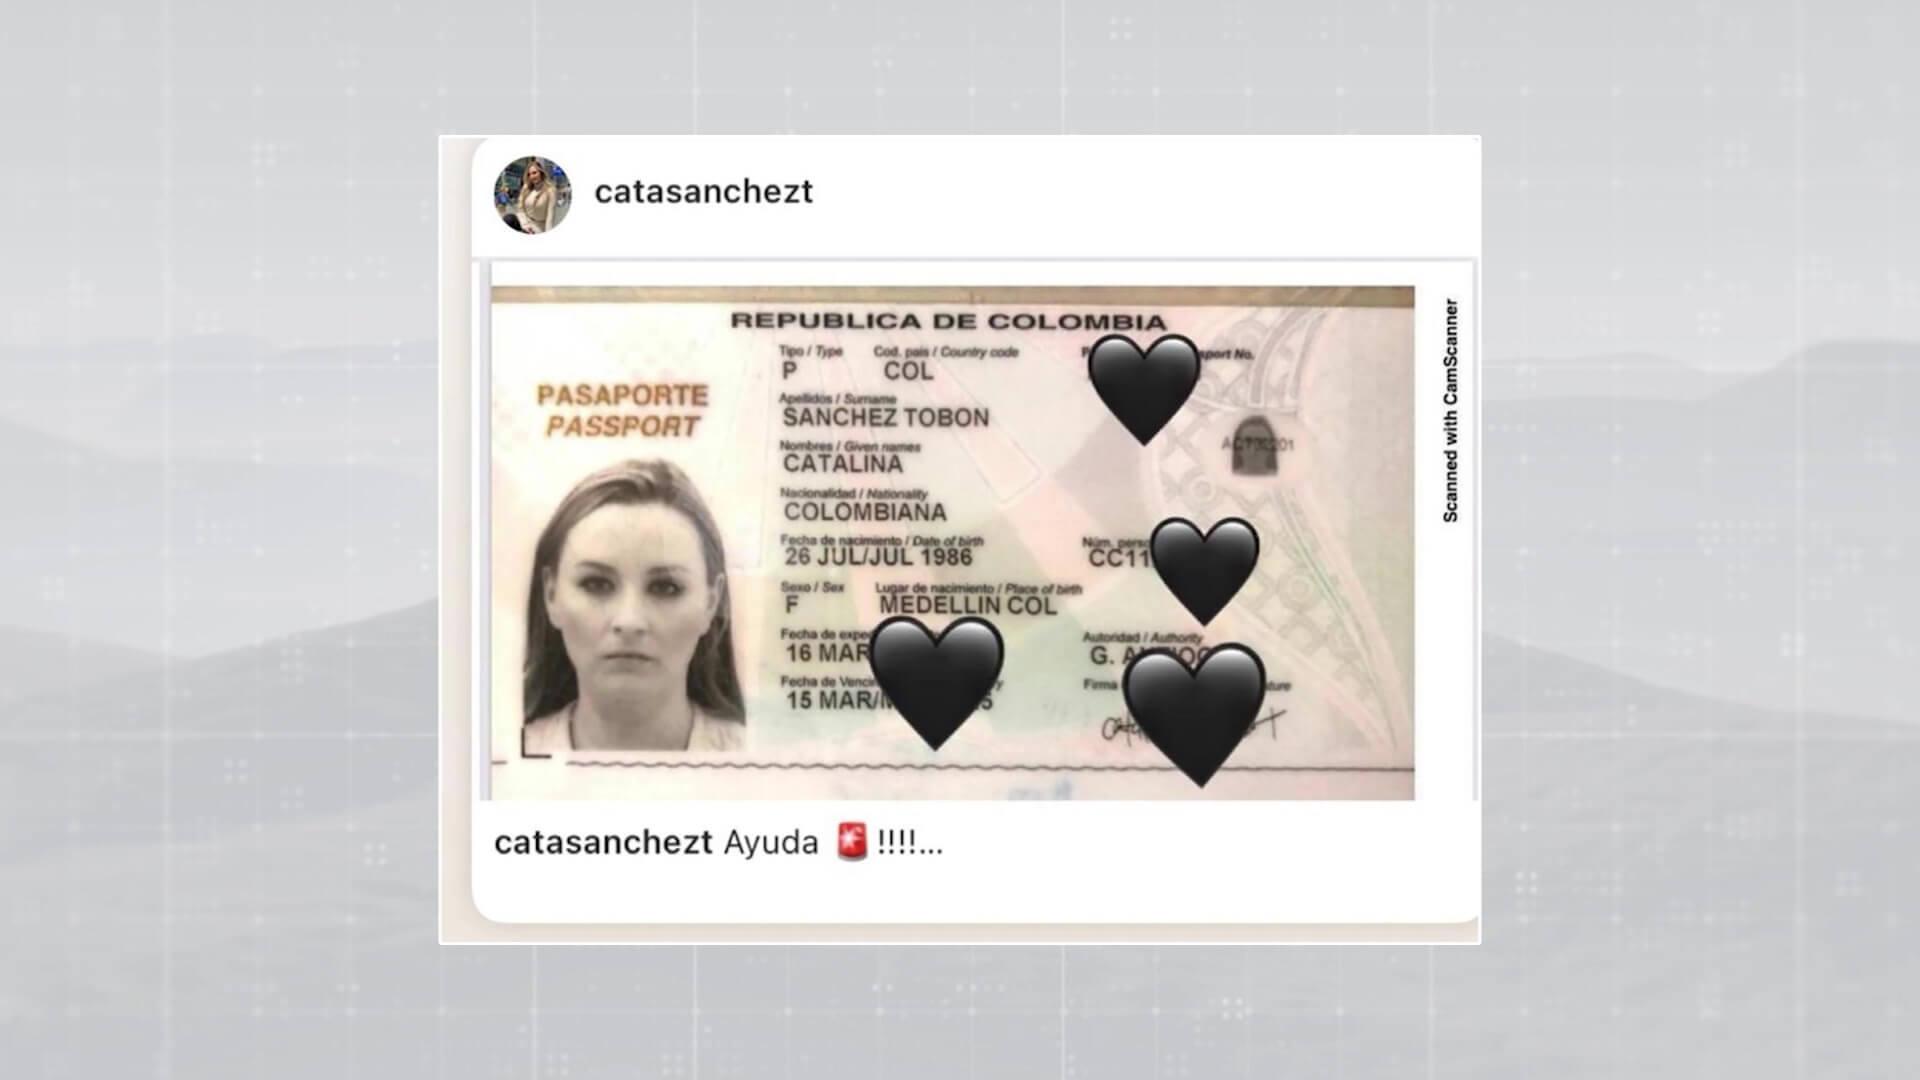 Pareja de colombianos clama por documentos perdidos